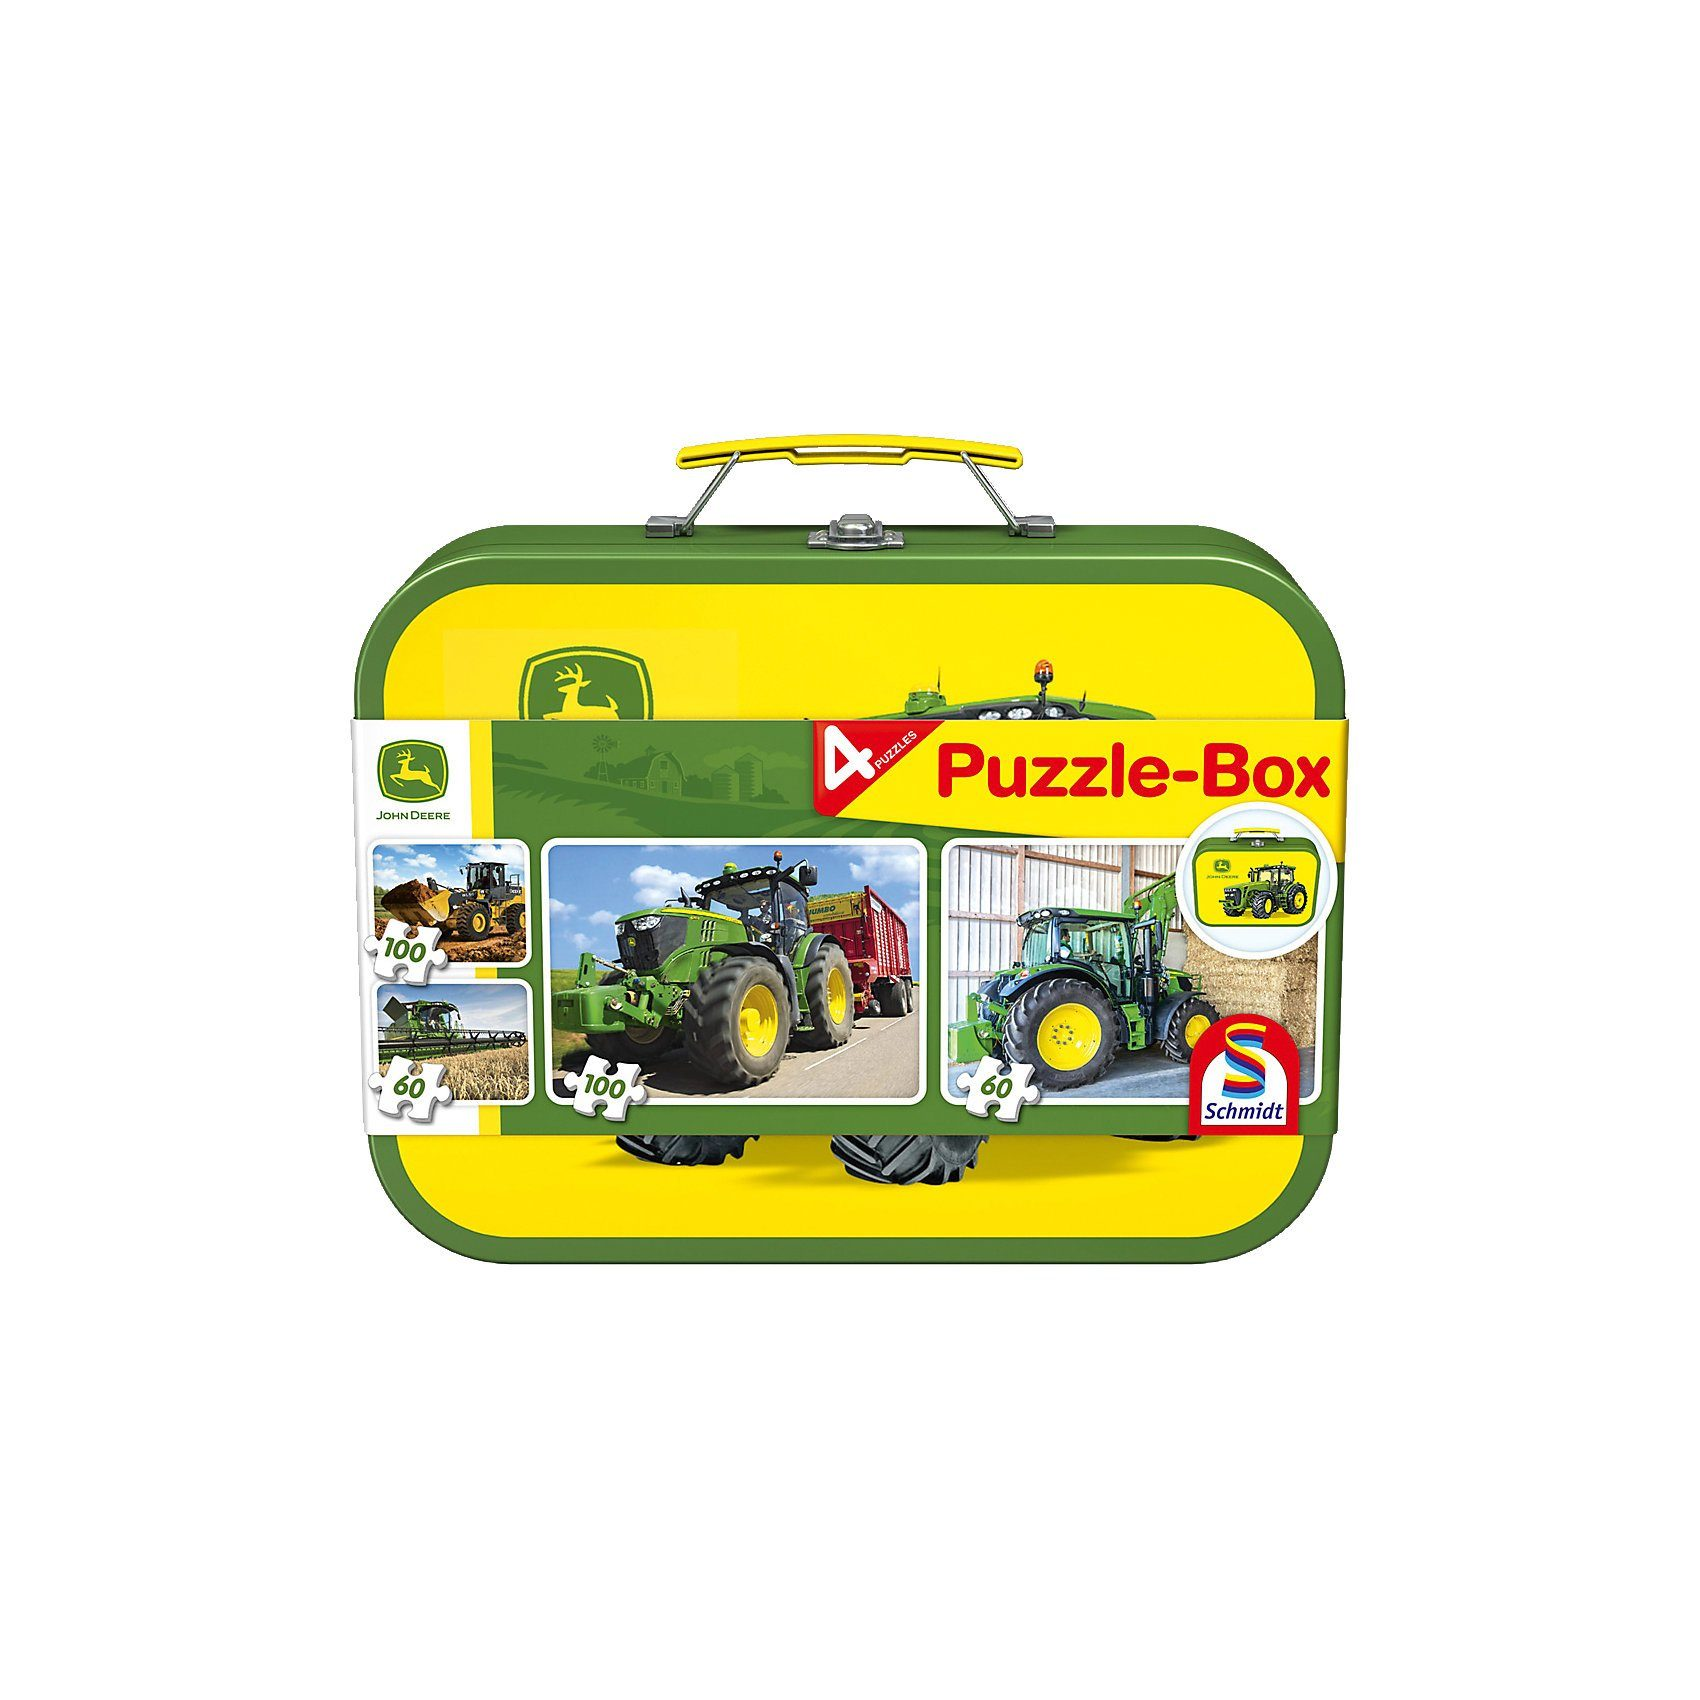 Schmidt Spiele Puzzlekoffer 2 x 60 + 2 x 100 Teile John Deere